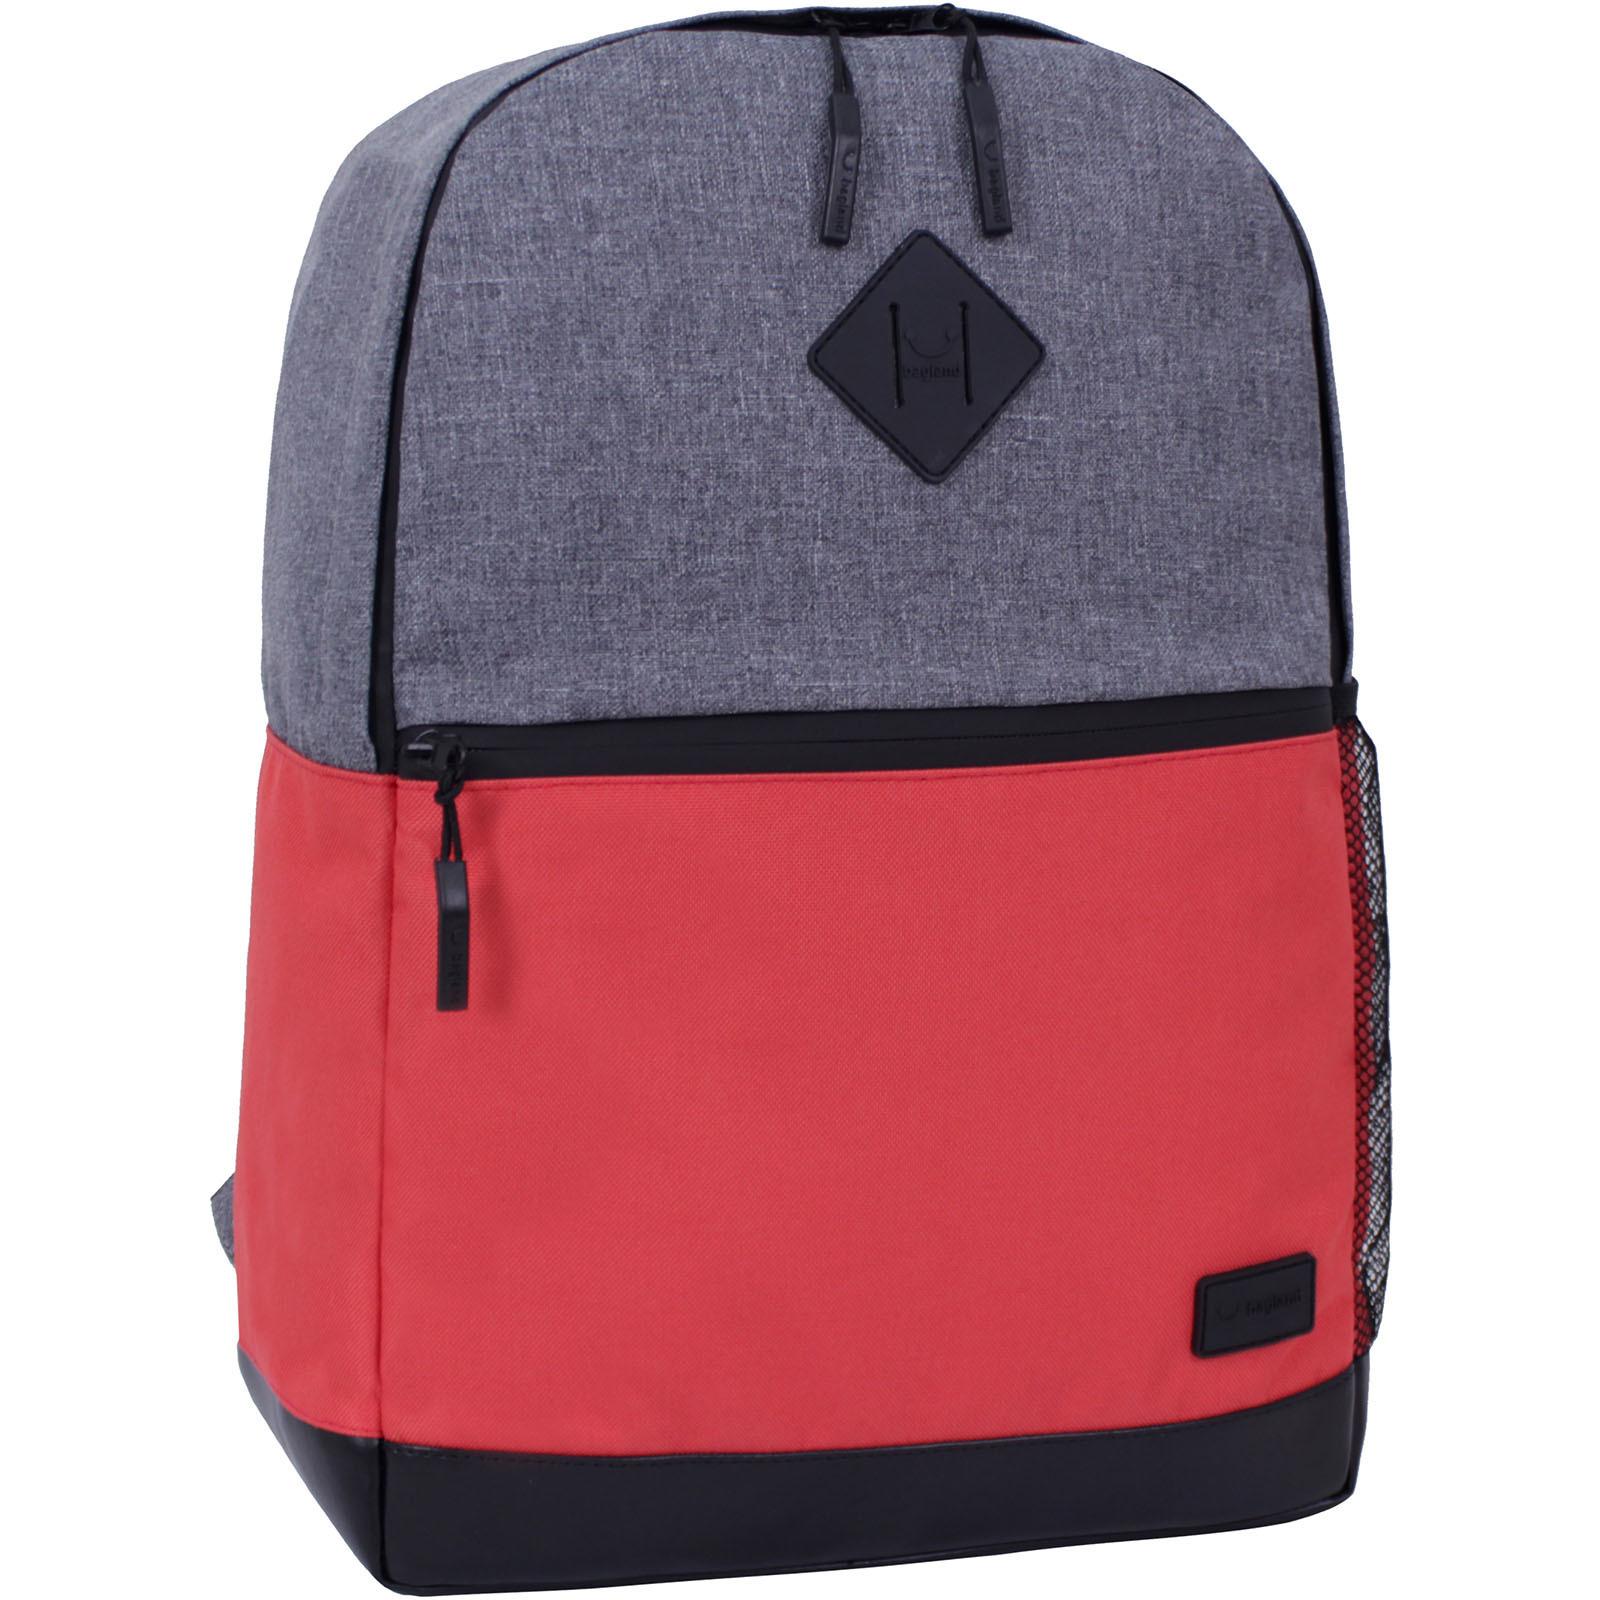 Городские рюкзаки Рюкзак Bagland Tanos 19л. 321 серый (0014869) IMG_2290.JPG